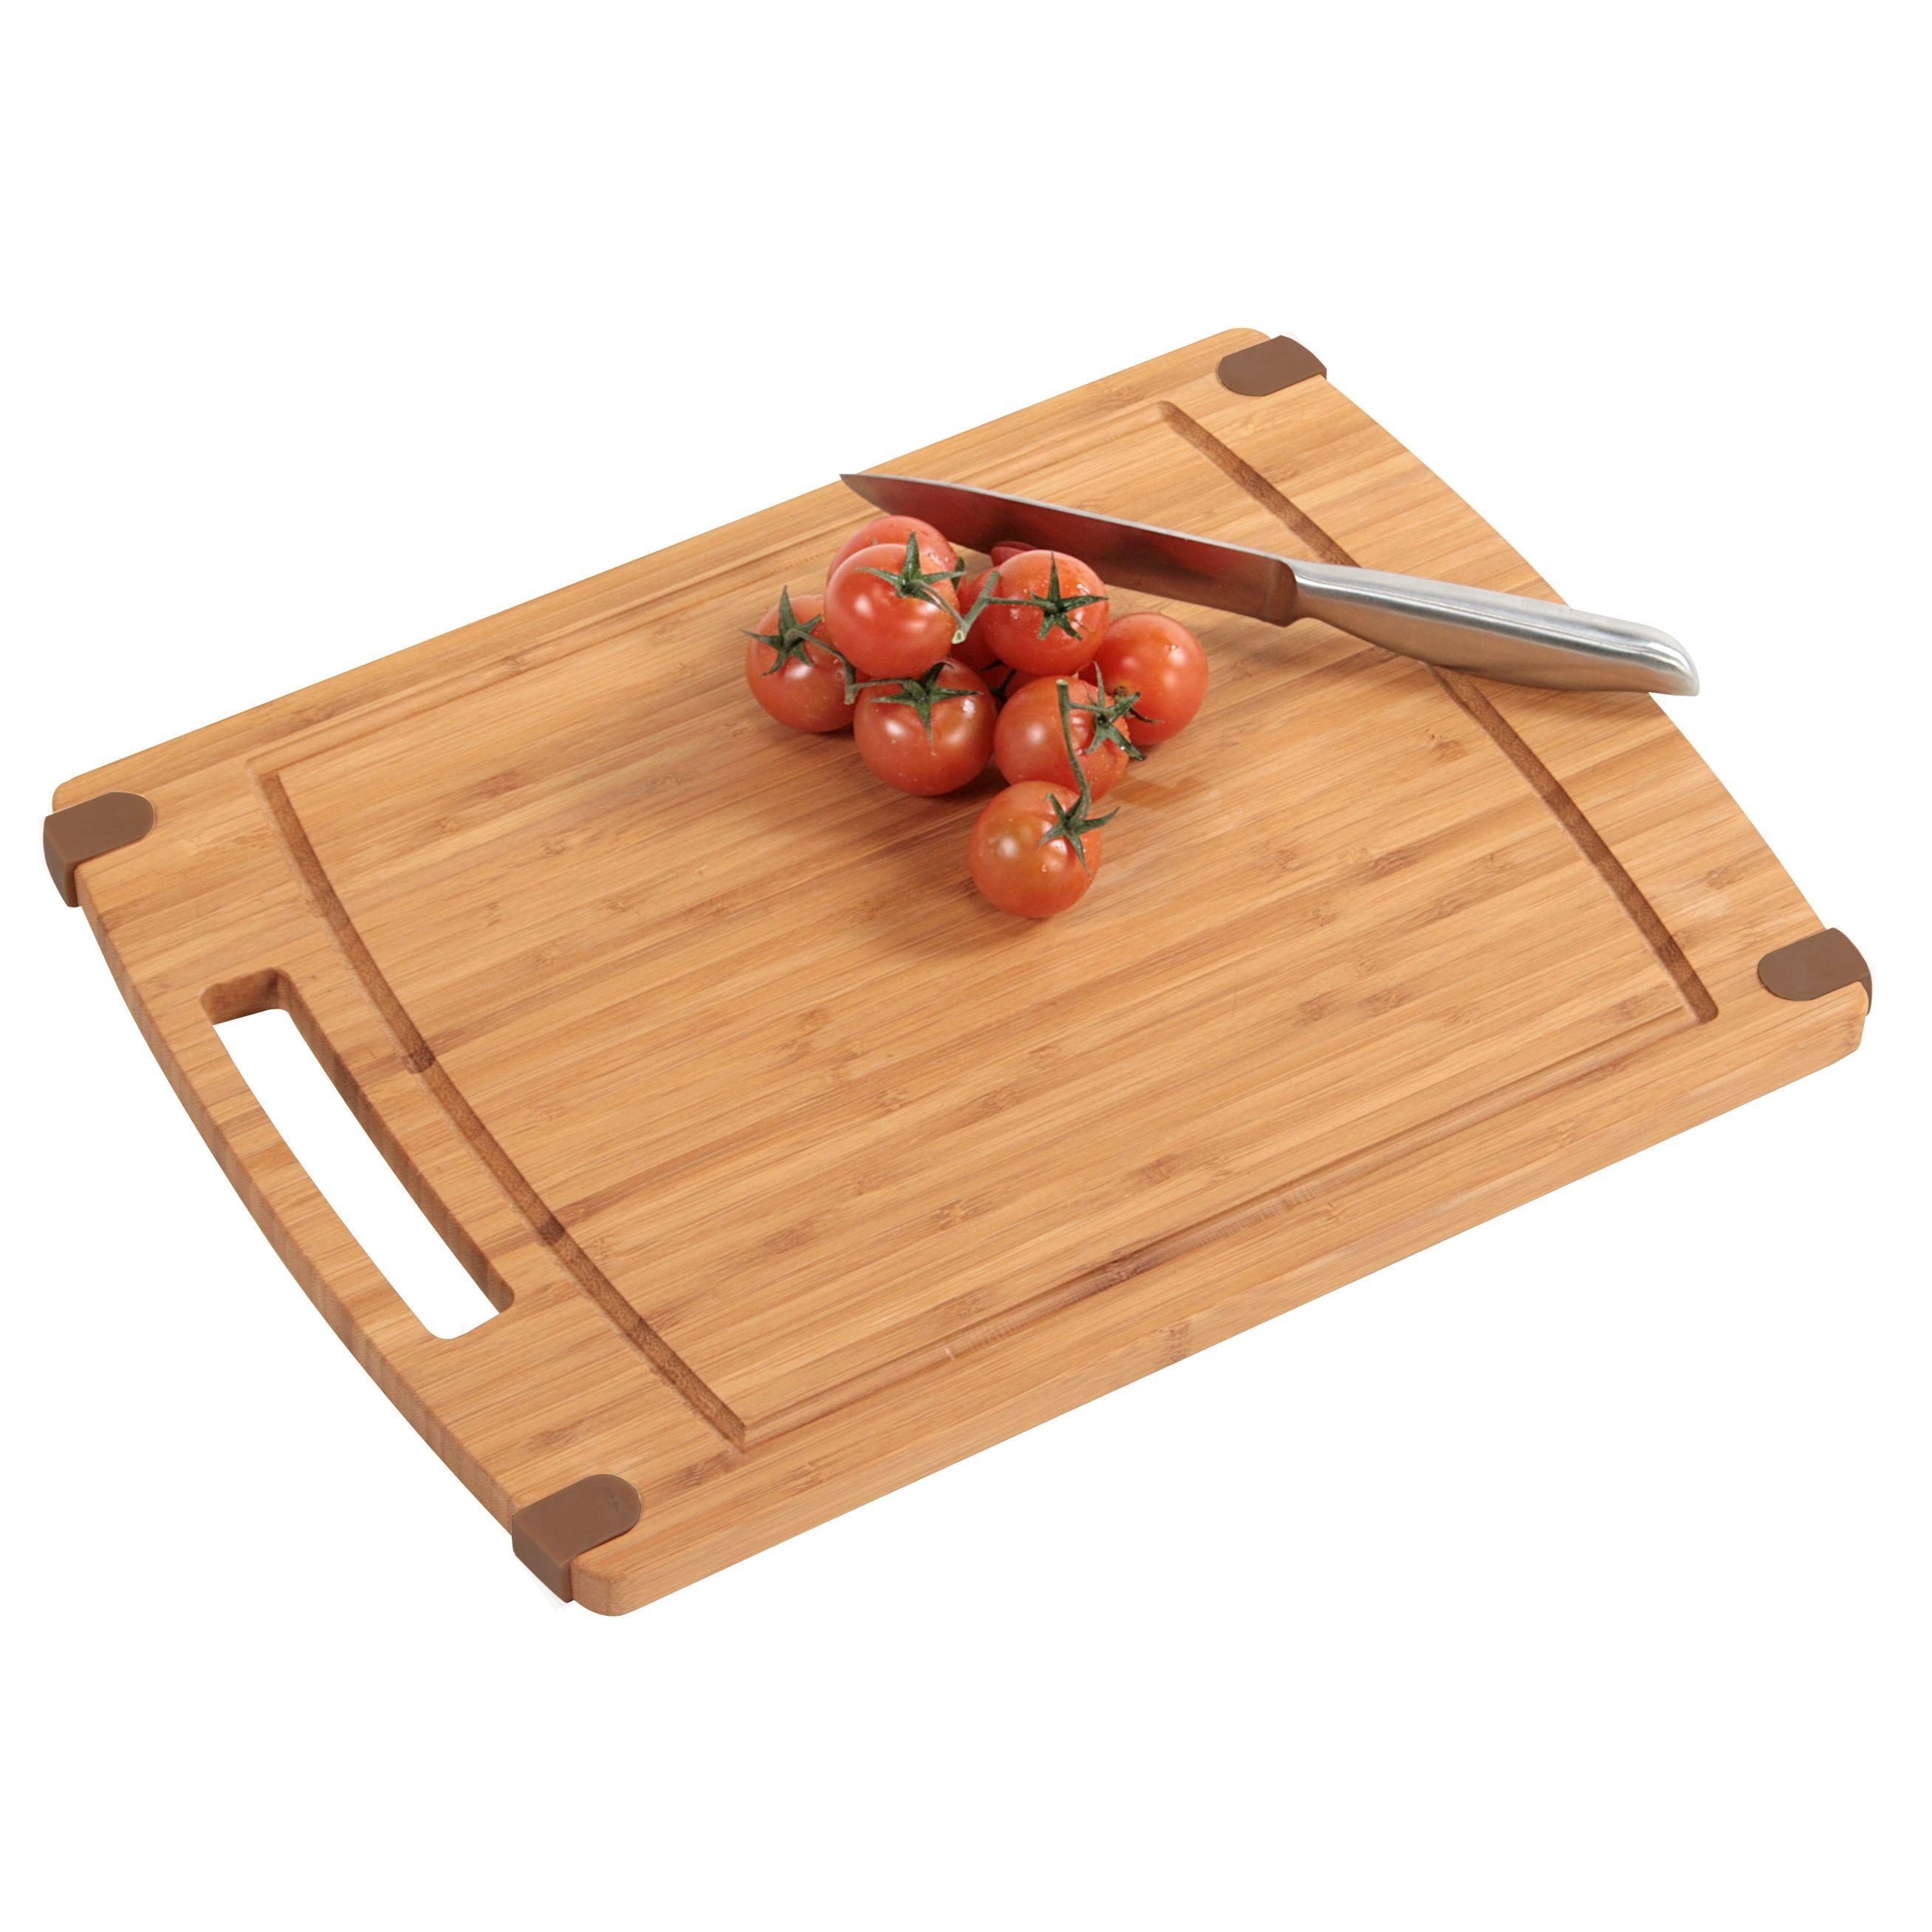 Доска разделочнаяДоска разделочная известного производителя Кеспер станет полезным приобретением для кухни. За ручку в виде прорези ее удобно подвешивать к стене. Доска изготовлена из натуральной бамбуковой древесины. Этот материал органично смотрится в кухонном интерьере, кроме того, не затупляет и не повреждает металлические ножи. Главное достоинство деревянных досок – удобство разделки на них мяса и овощей. За изделием несложно ухаживать, оно экологично в производстве.<br>